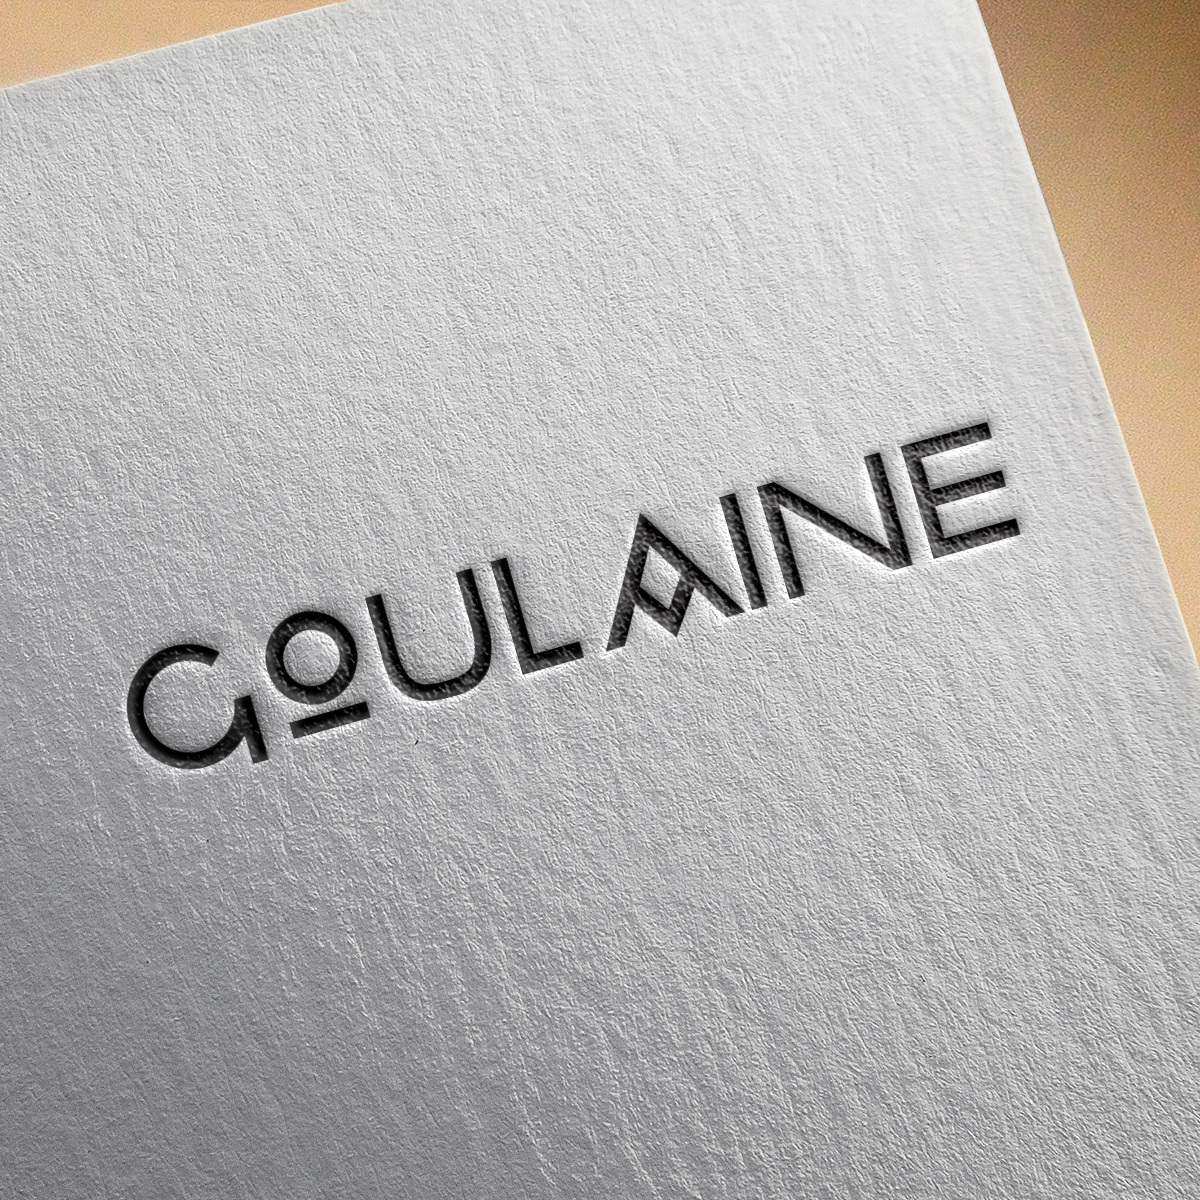 GOULAINE